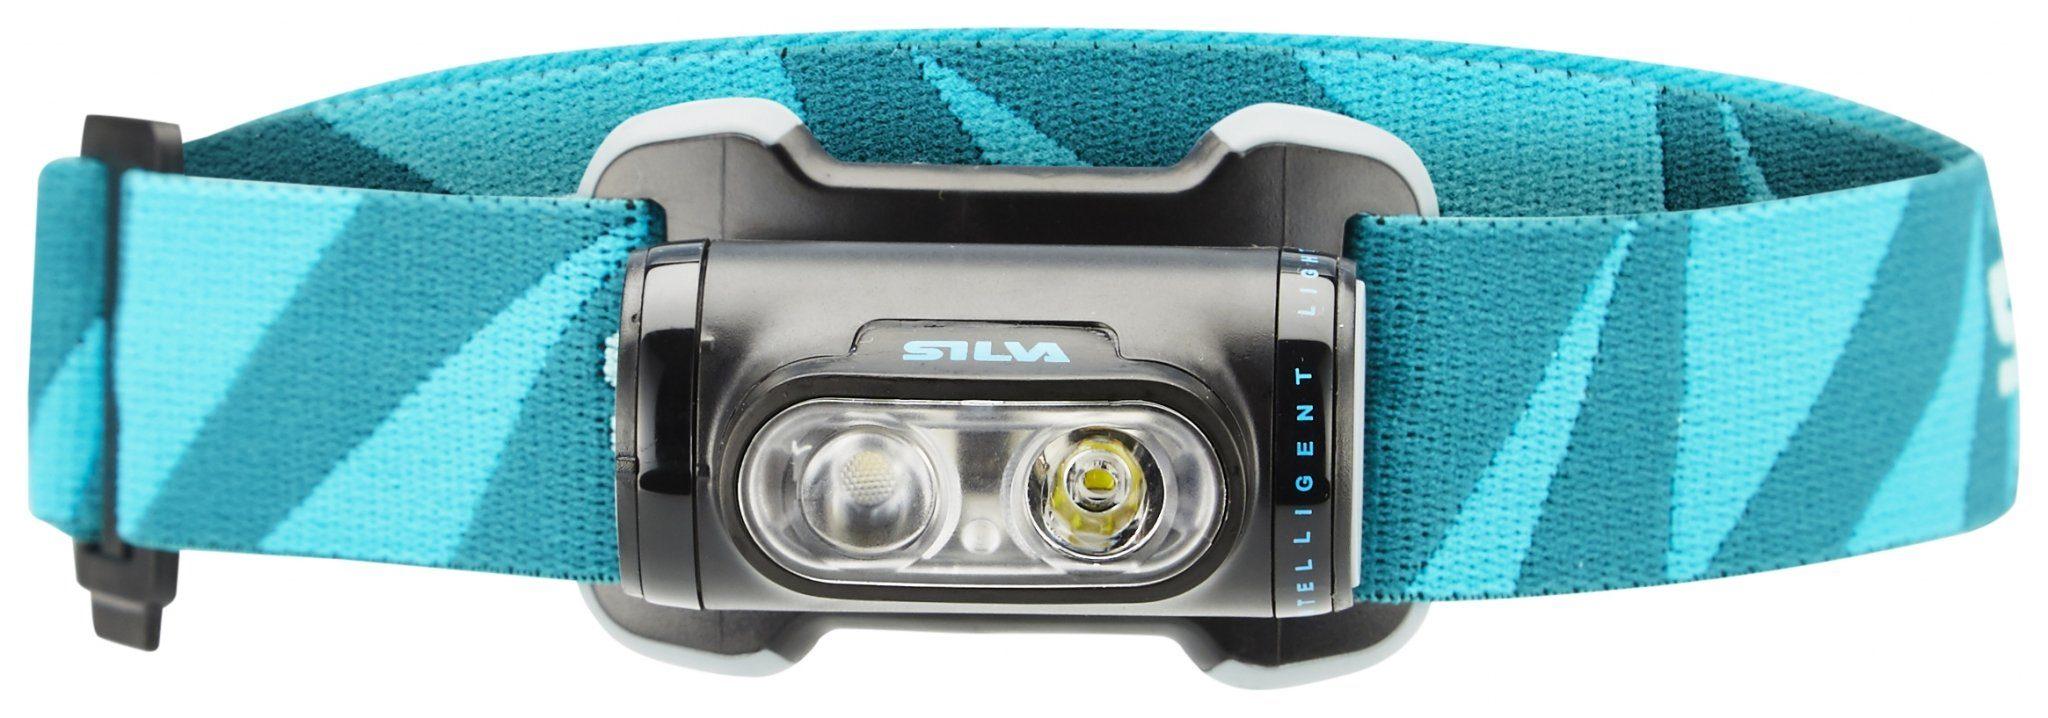 Silva Camping-Beleuchtung »Ninox 2X Headlamp«